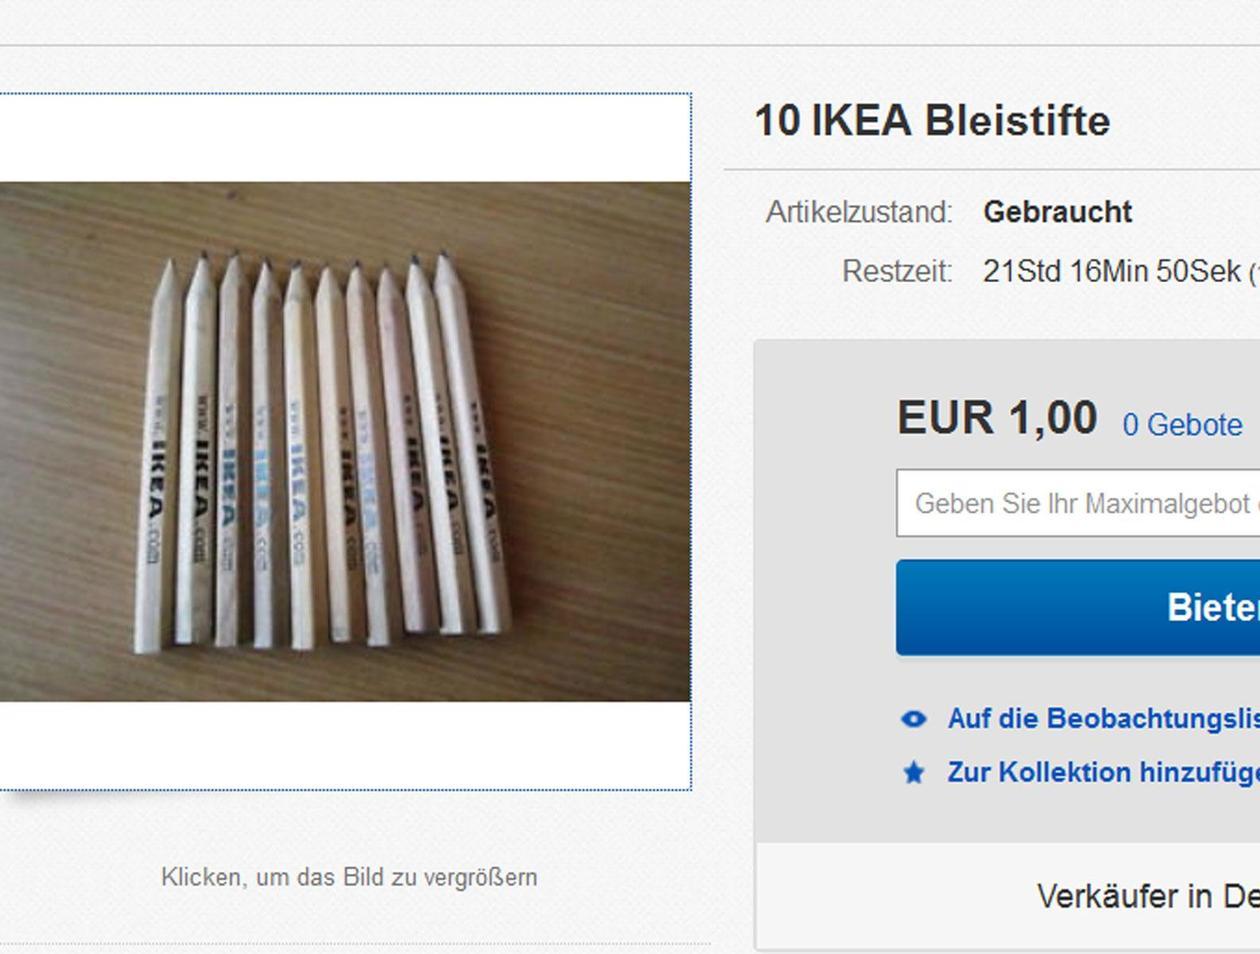 Oder Die Diebstahl Darf Mitnehmen Man Es Bleistifte Ist Was Ikea WHIED29